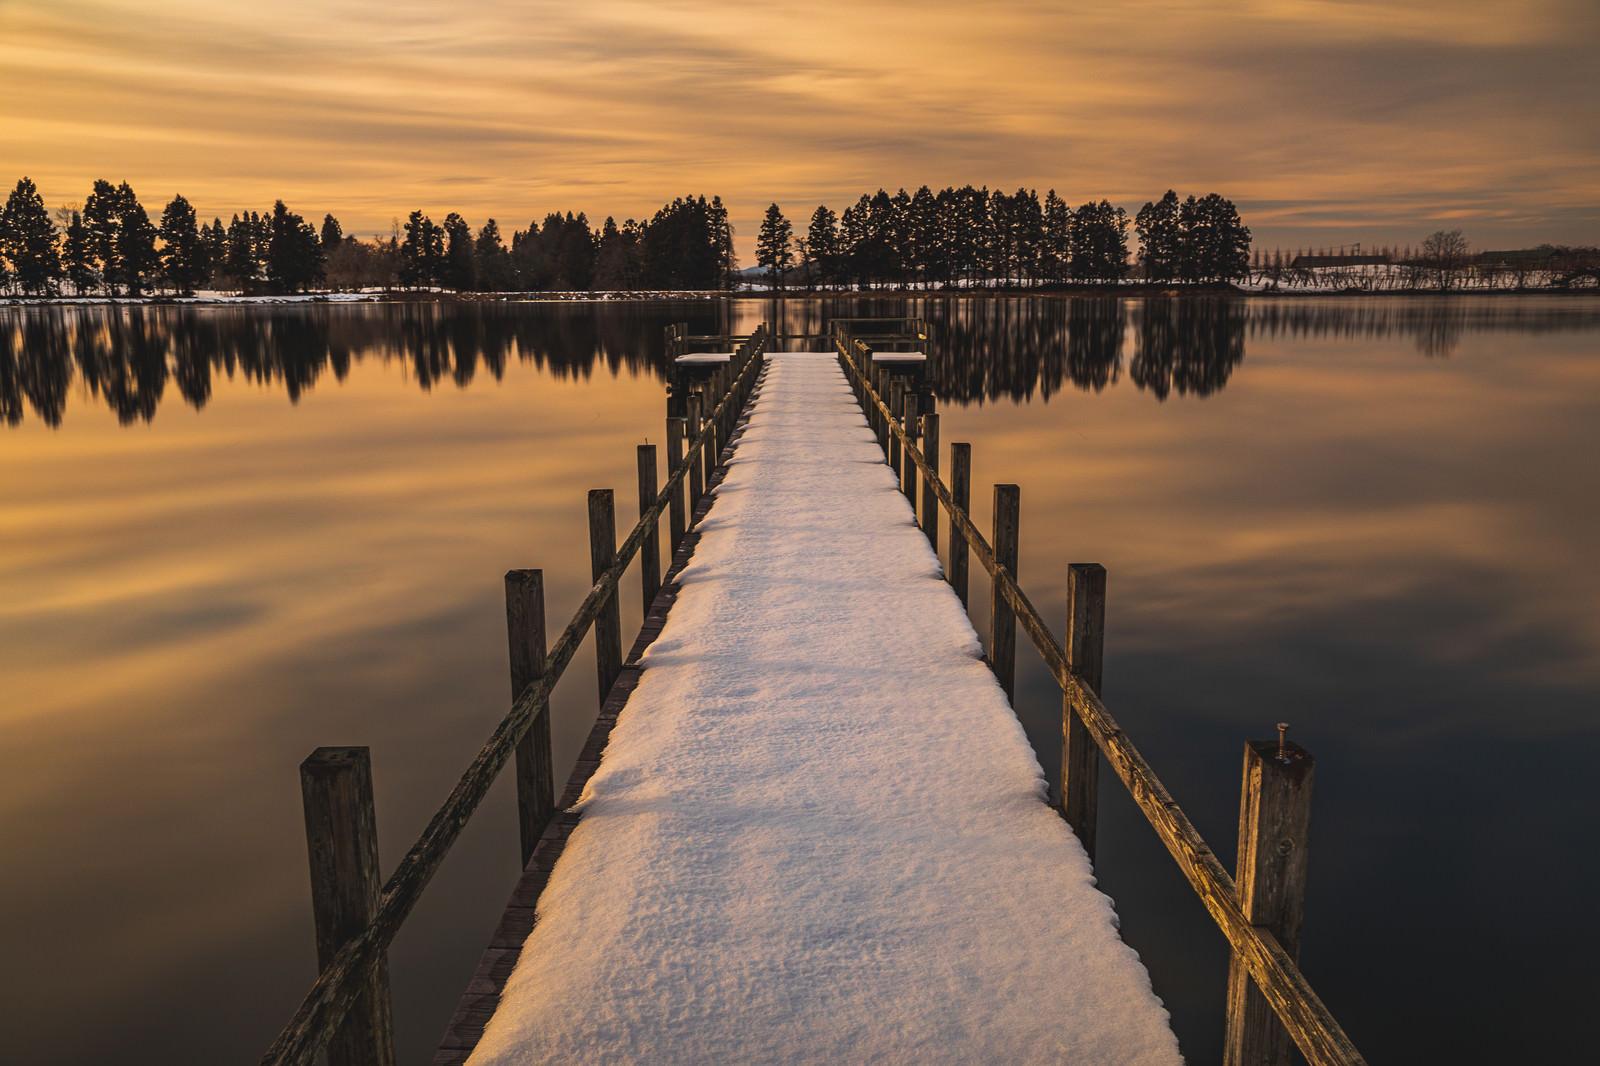 「夕焼けに染まる湖面と残雪の桟橋」の写真